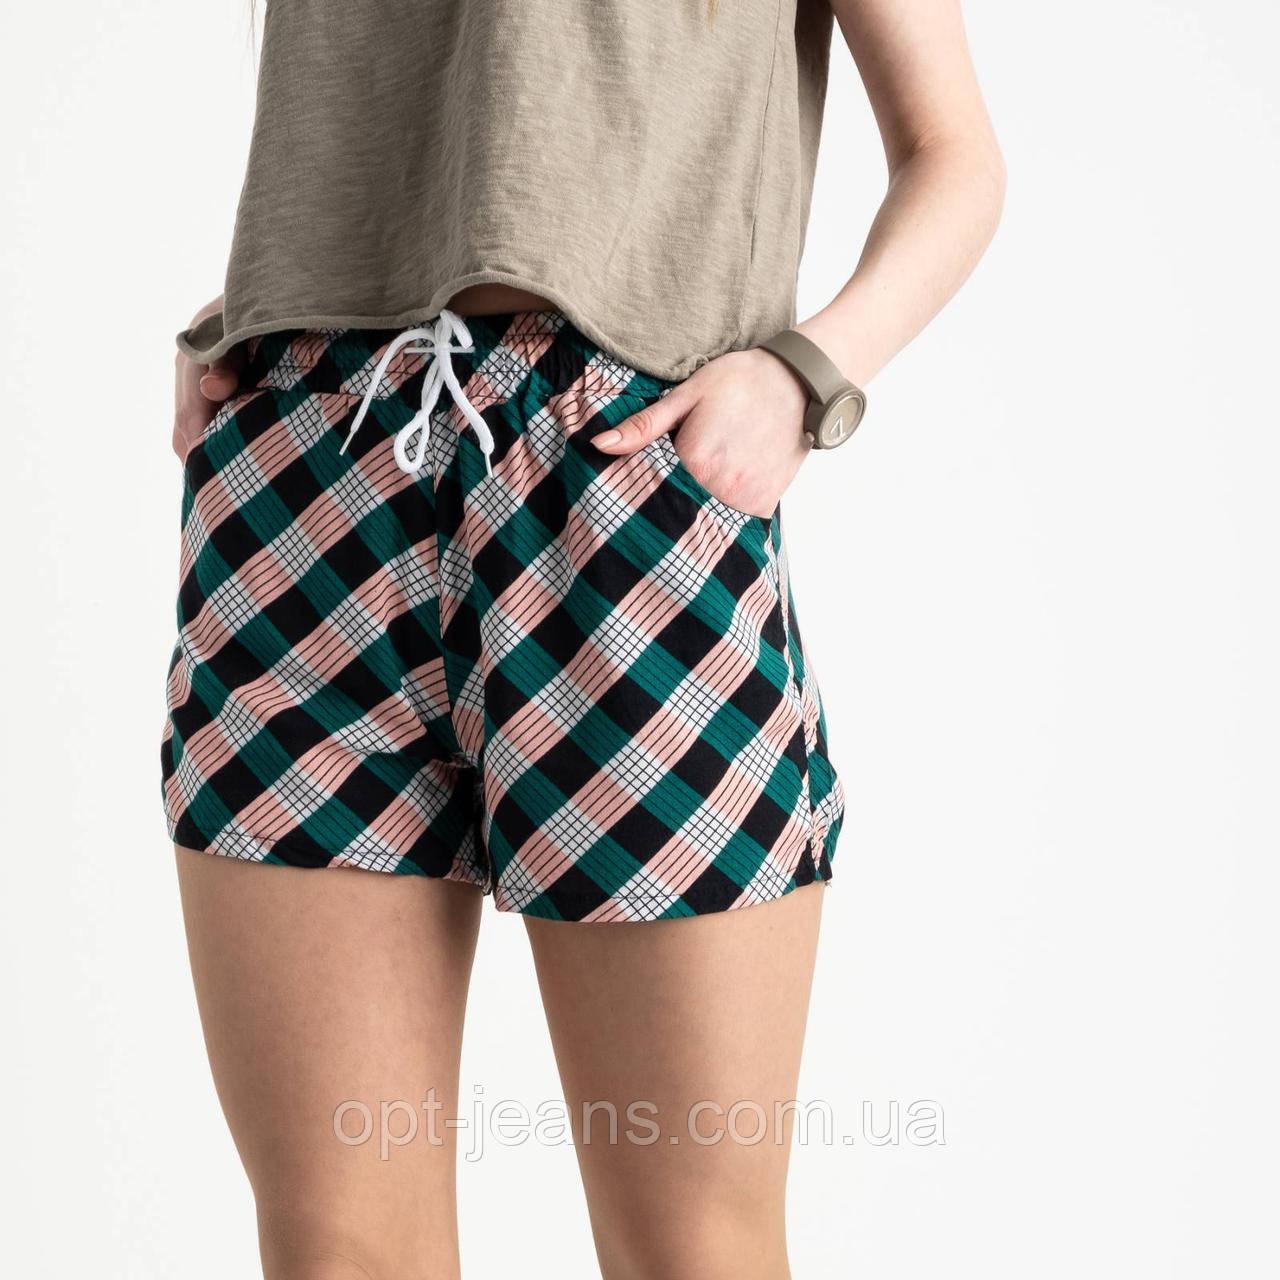 1538 Callin шорты женские разноцветные в полоску (12 ед. размеры: M/3.L/3.XL/3.2XL/3)